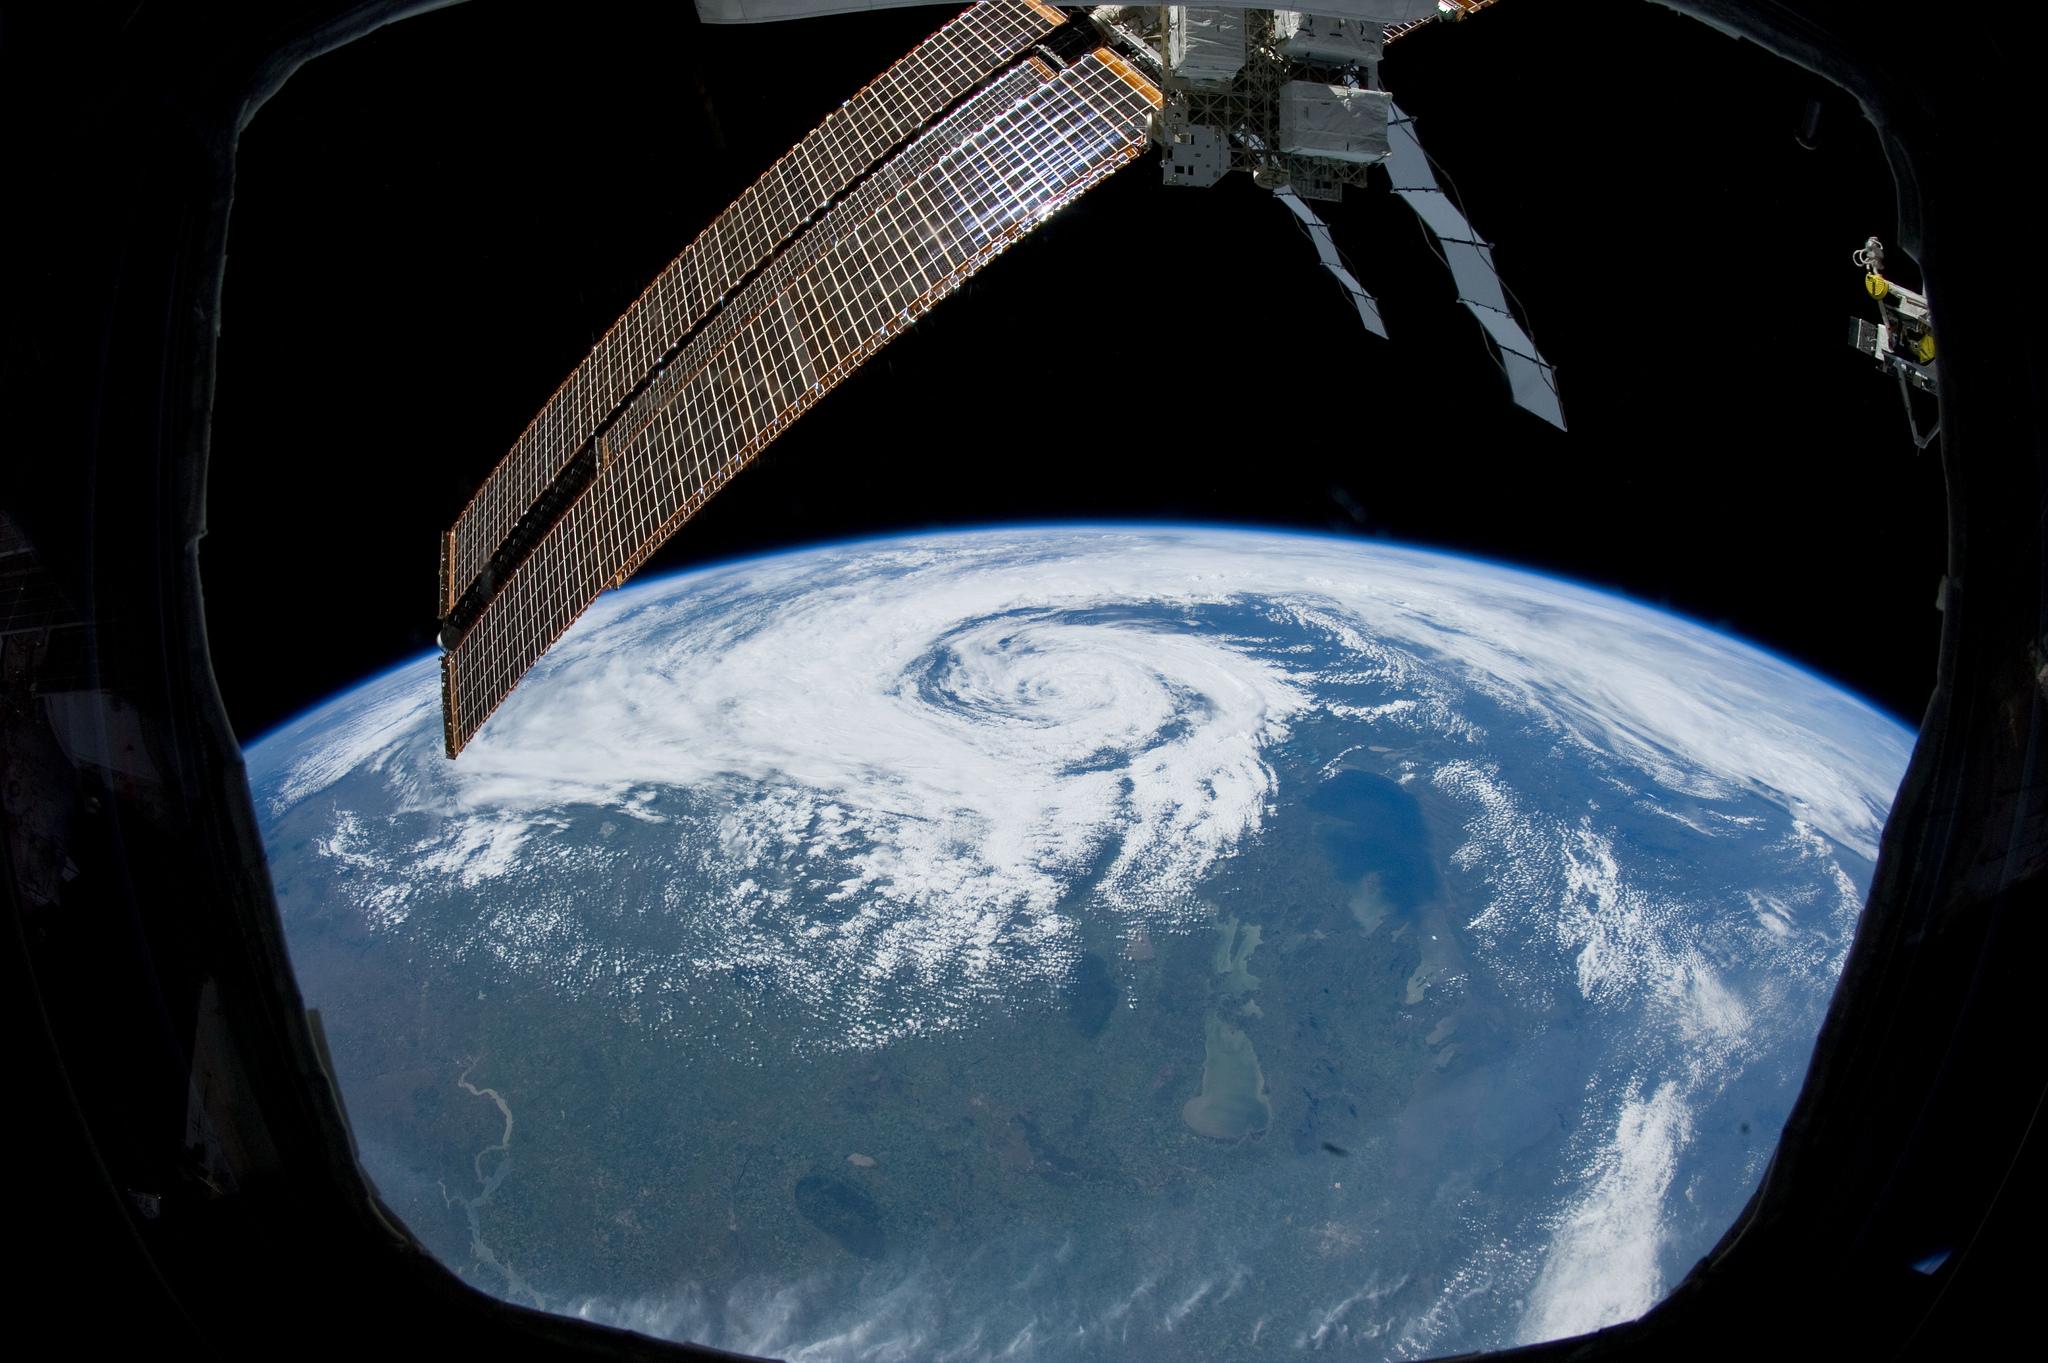 NASA space Non-Tropical Cyclone Over Canada (NASA, International Space Station, 06/27/12)